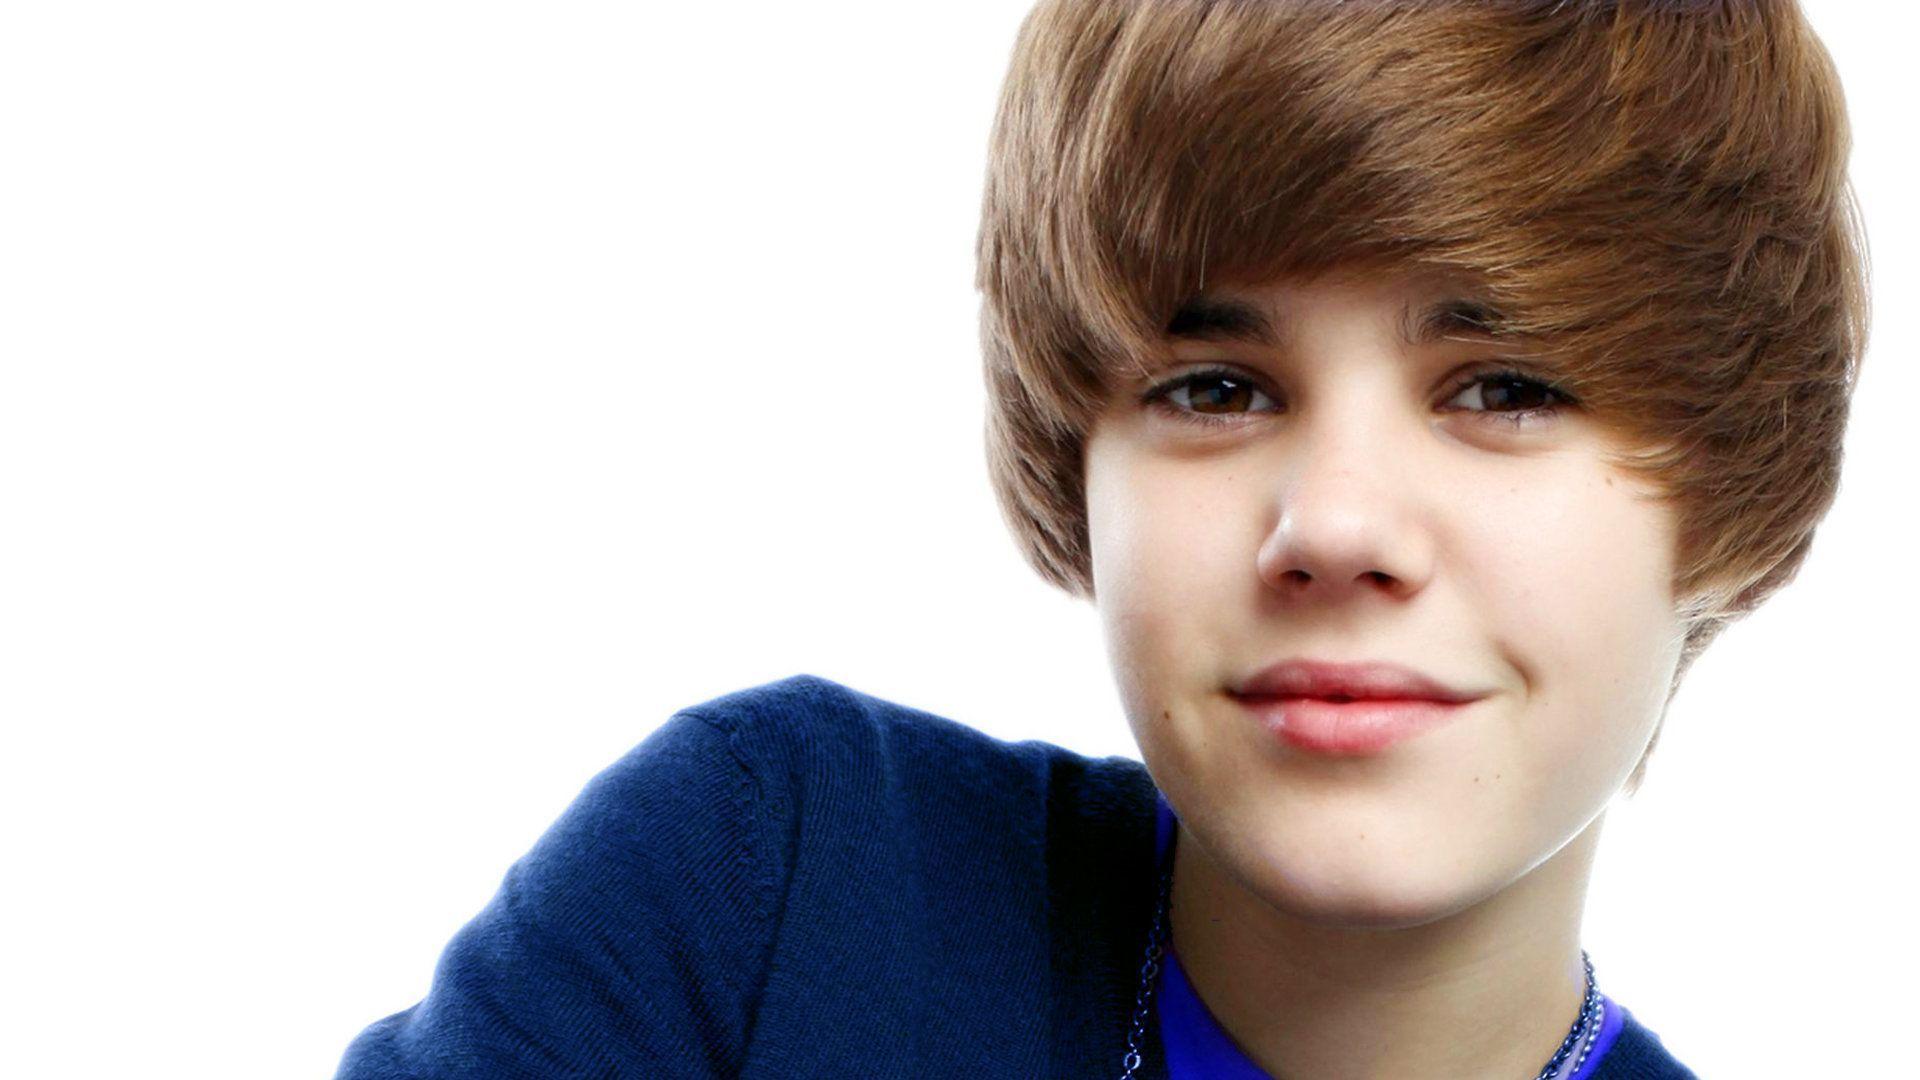 Justin Bieber Hd Wallpapers Wallpaper Cave Justin Bieber Wallpaper Justin Bieber Pictures Justin Bieber News